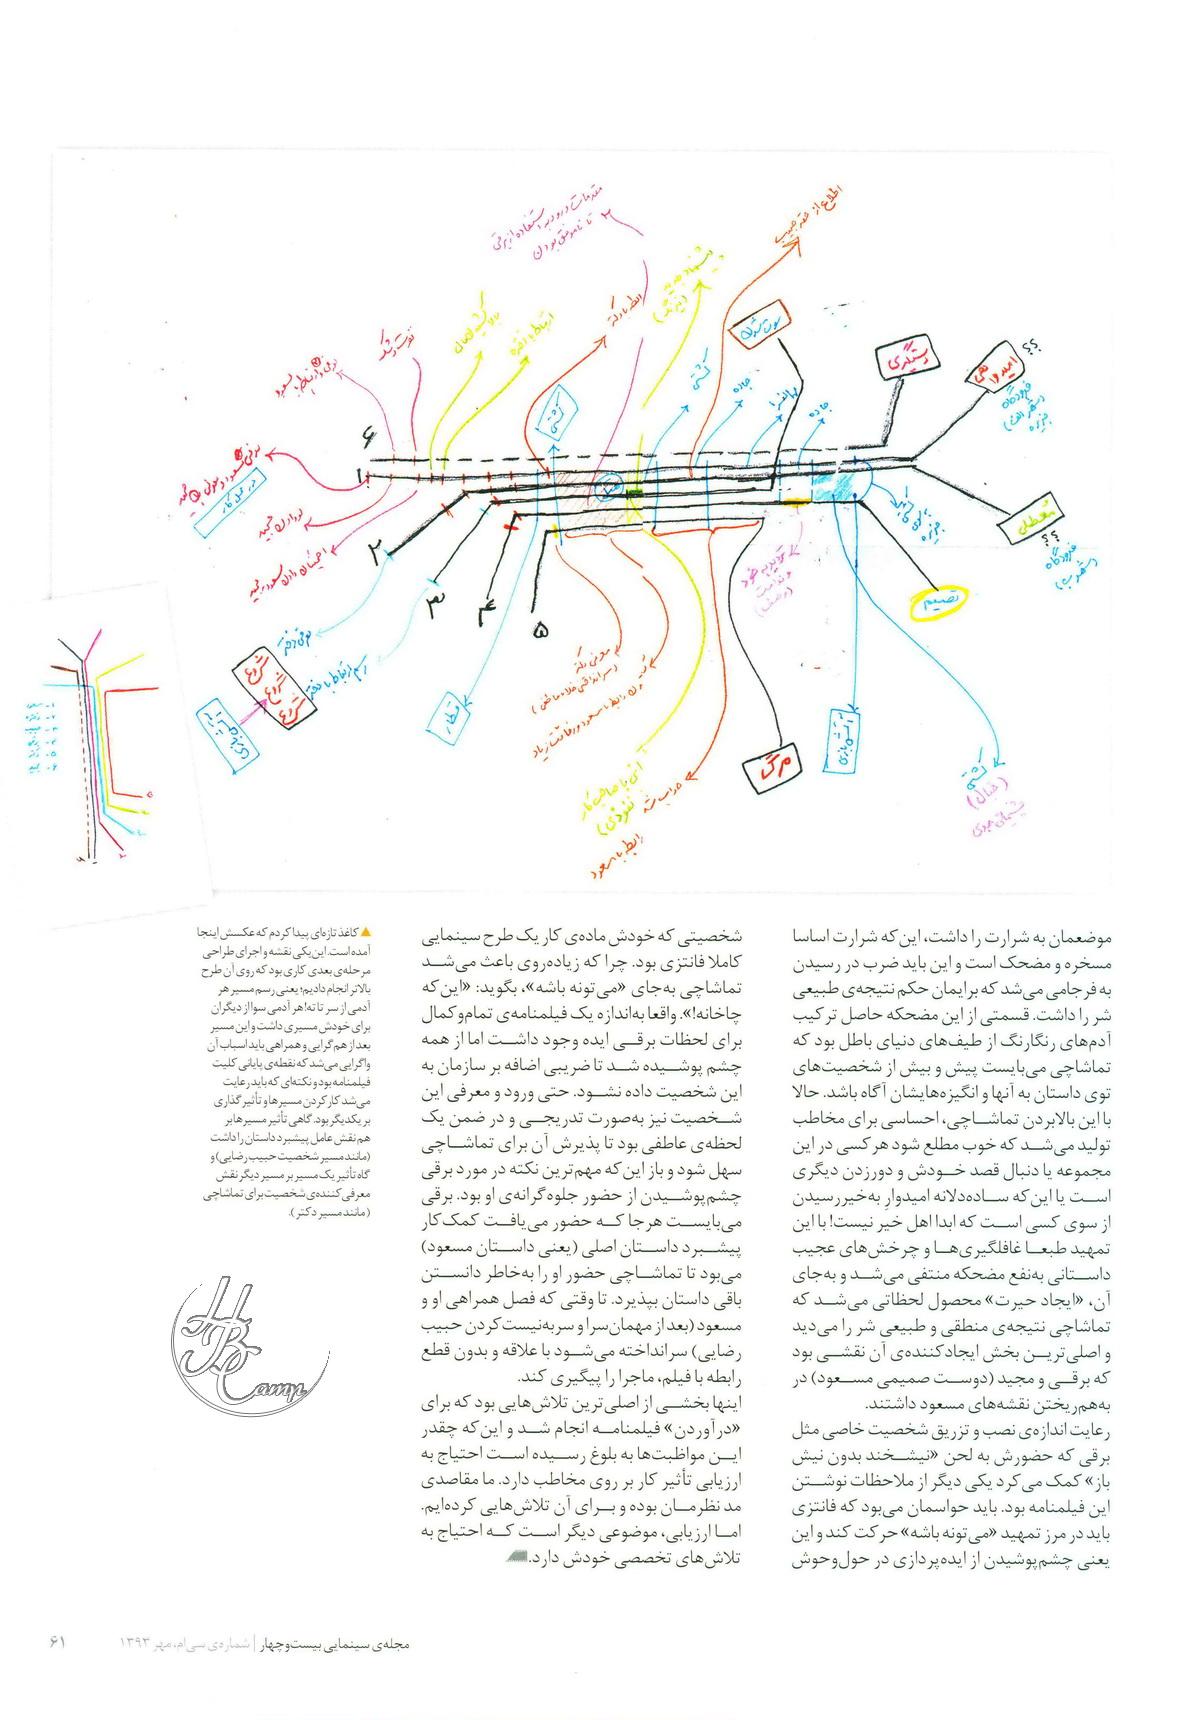 http://yotab.persiangig.com/magazin/24mag-56/n01.jpg